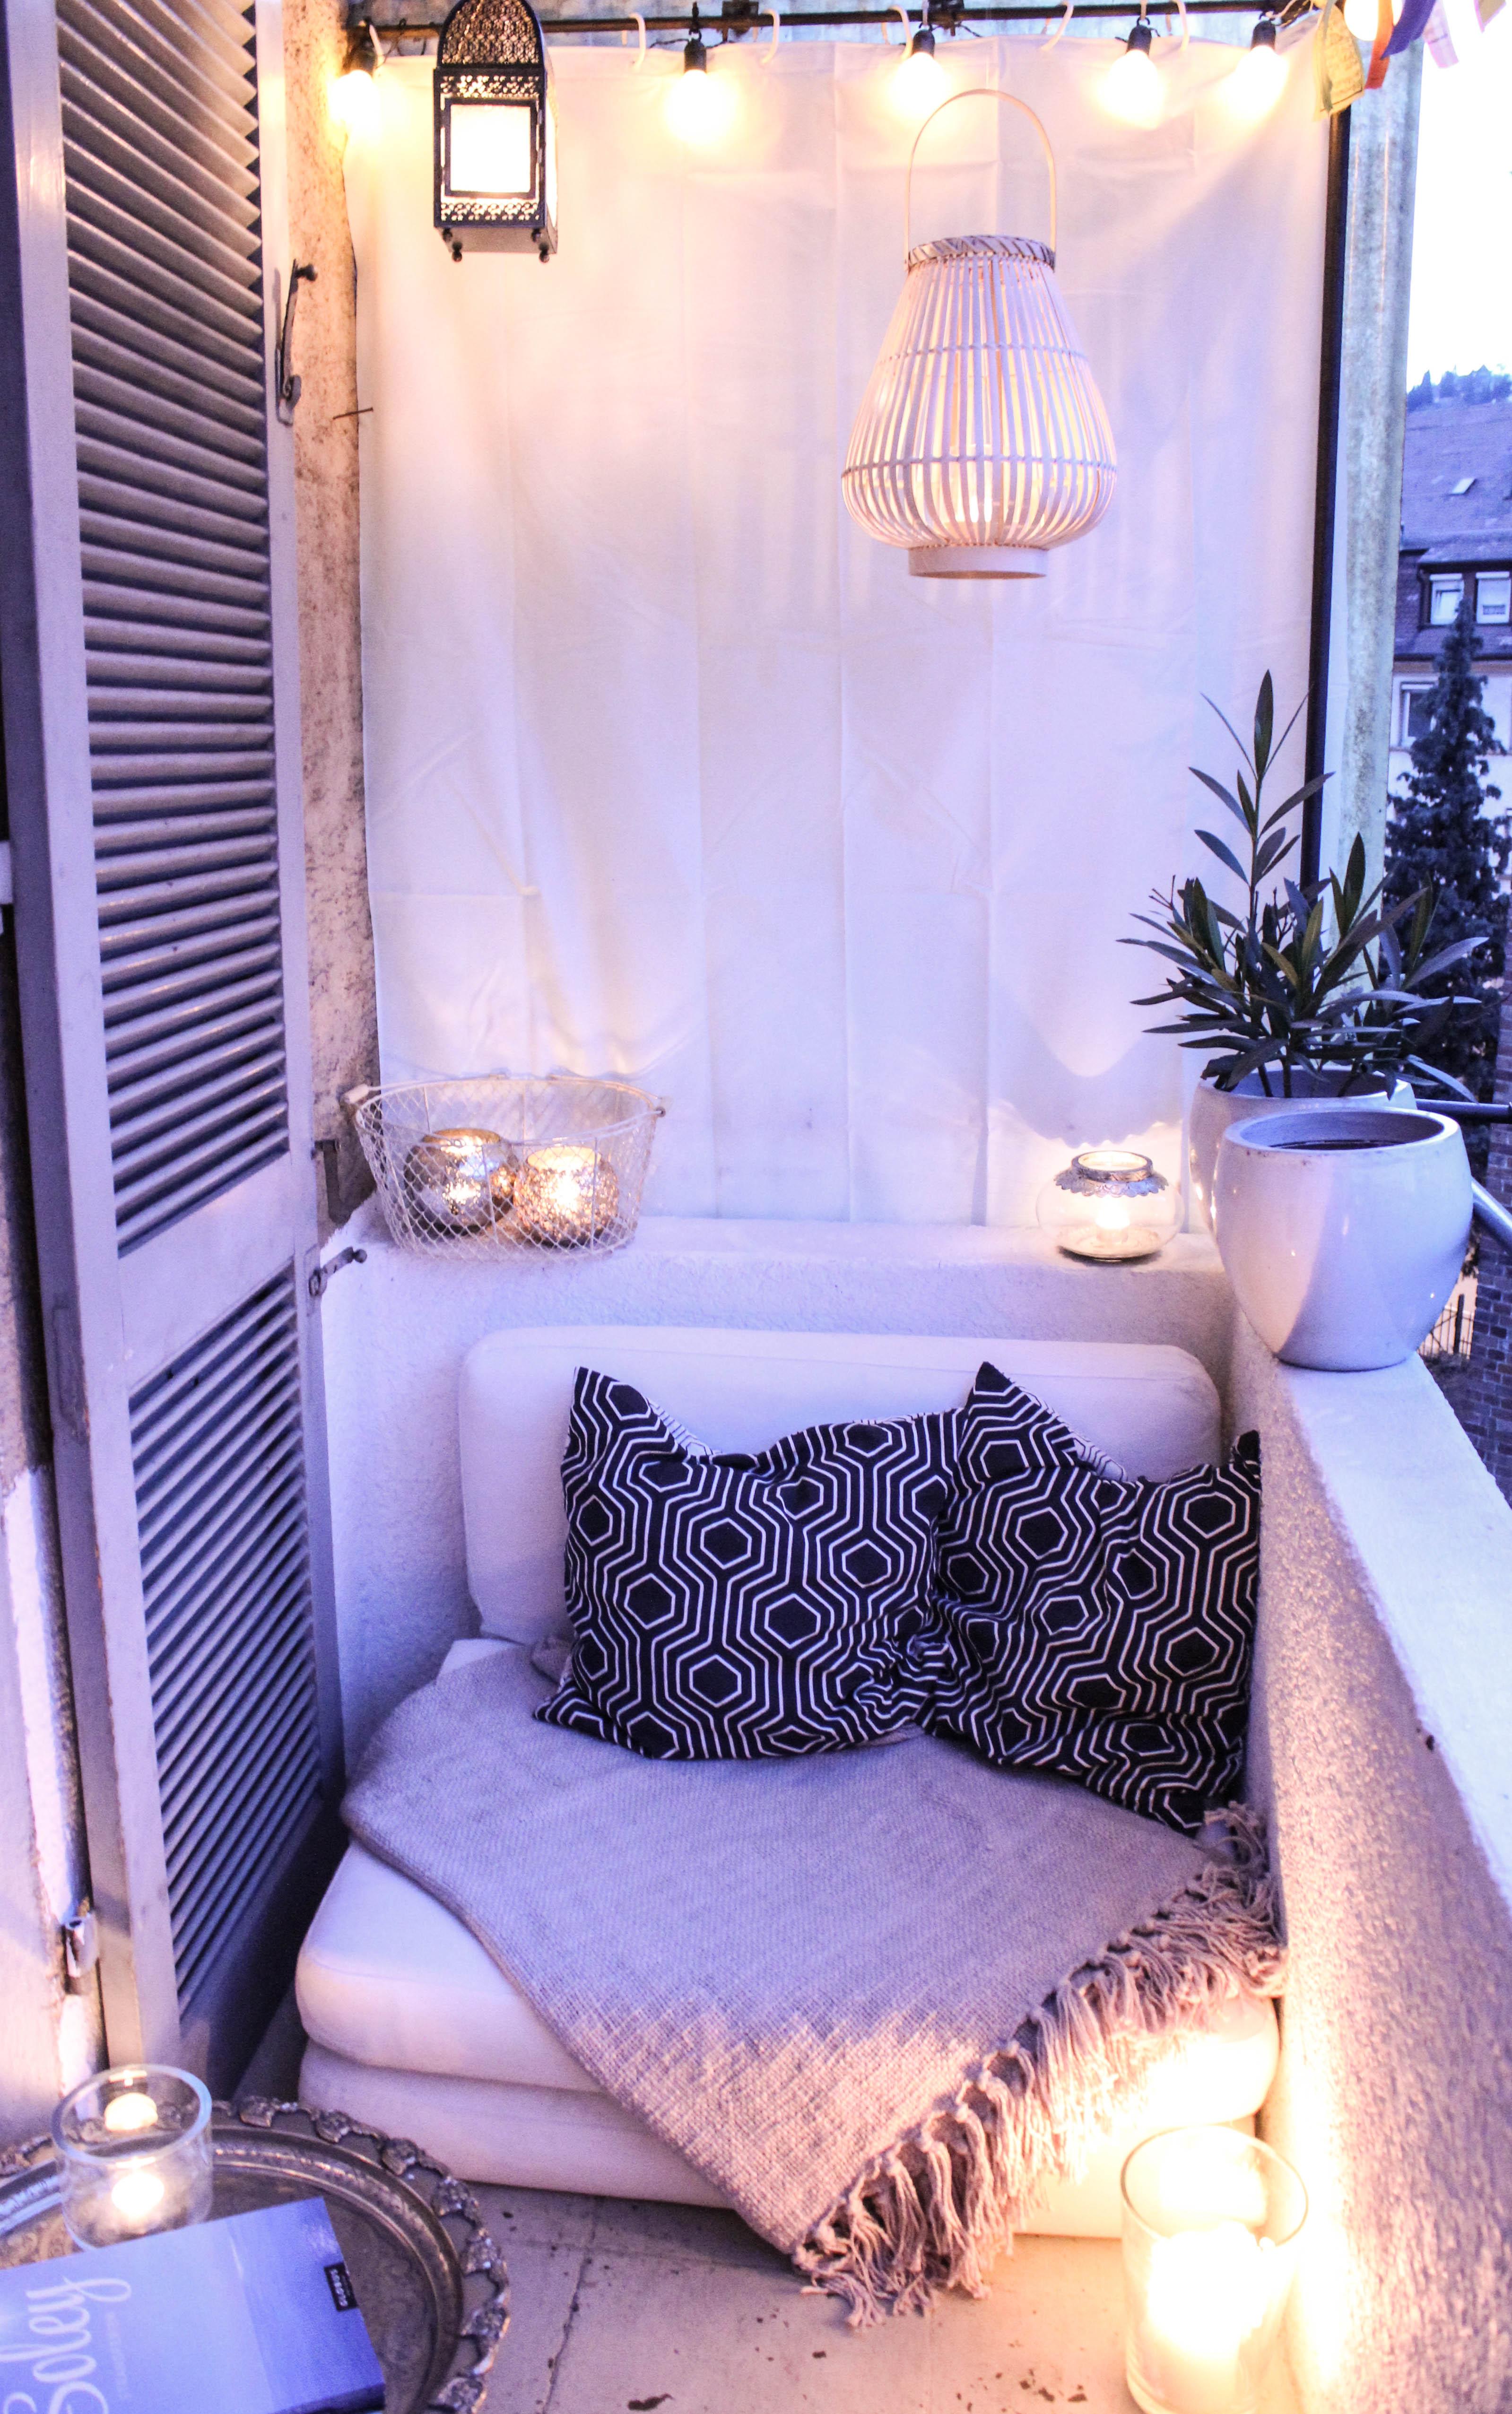 Schne Ideen fr deinen Balkon dein Sommerwohnzimmer